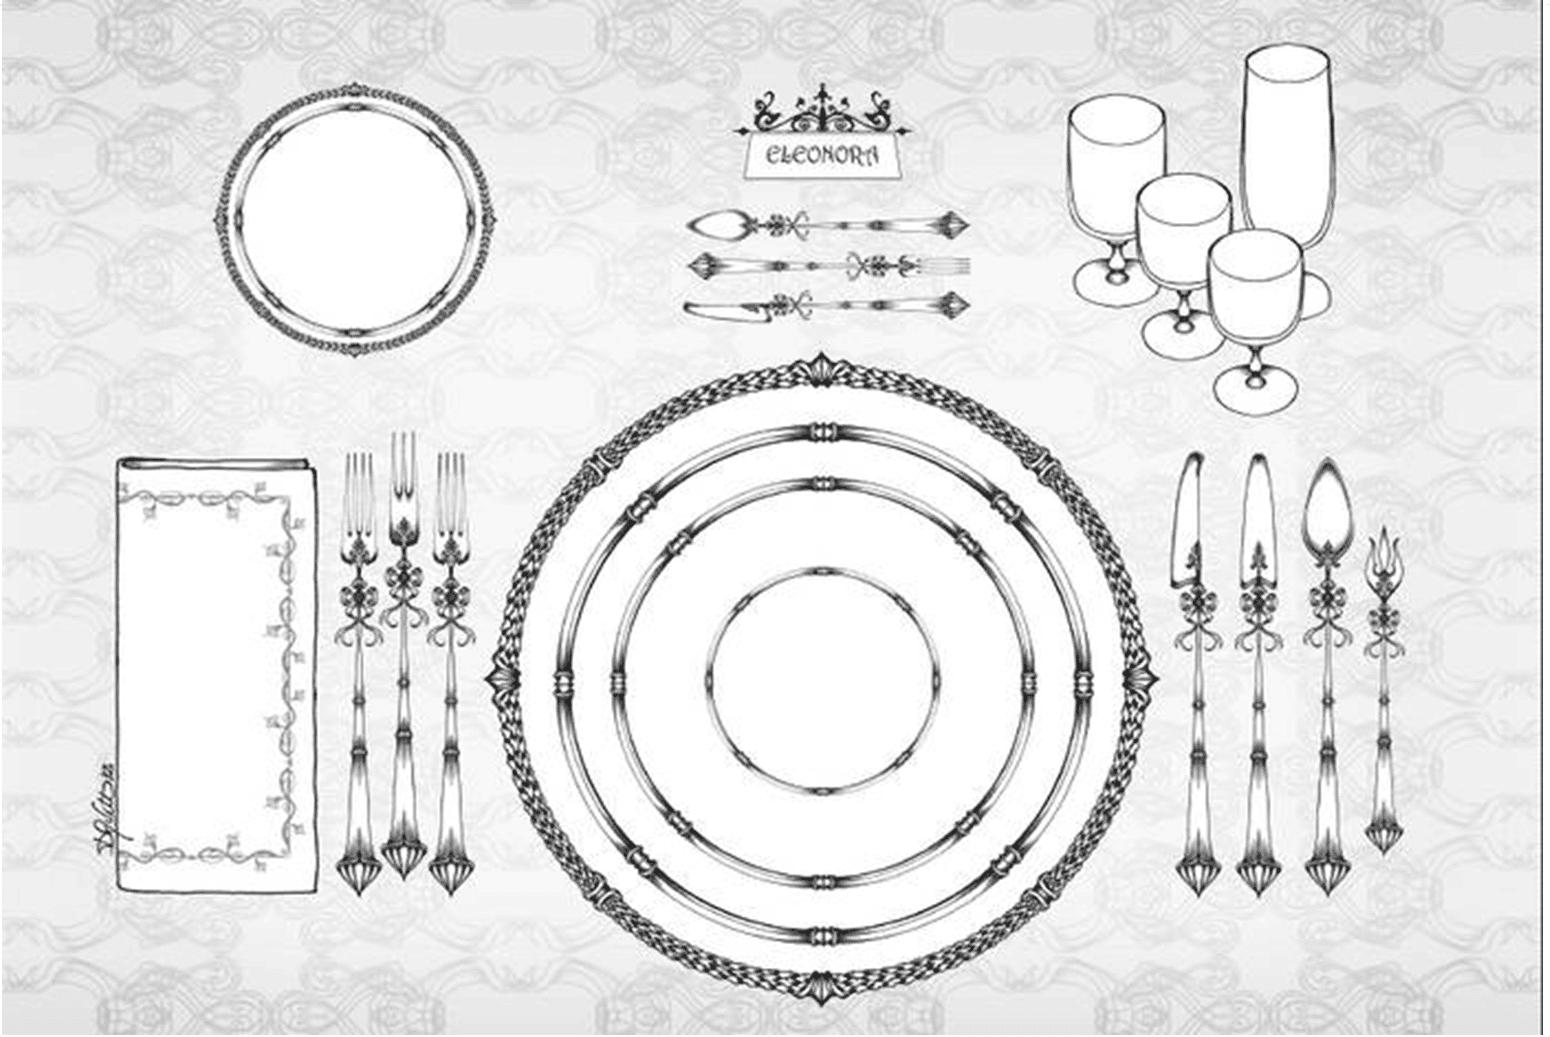 Come Apparecchiare La Tavola Galateo come apparecchiare la tavola: le regole del galateo